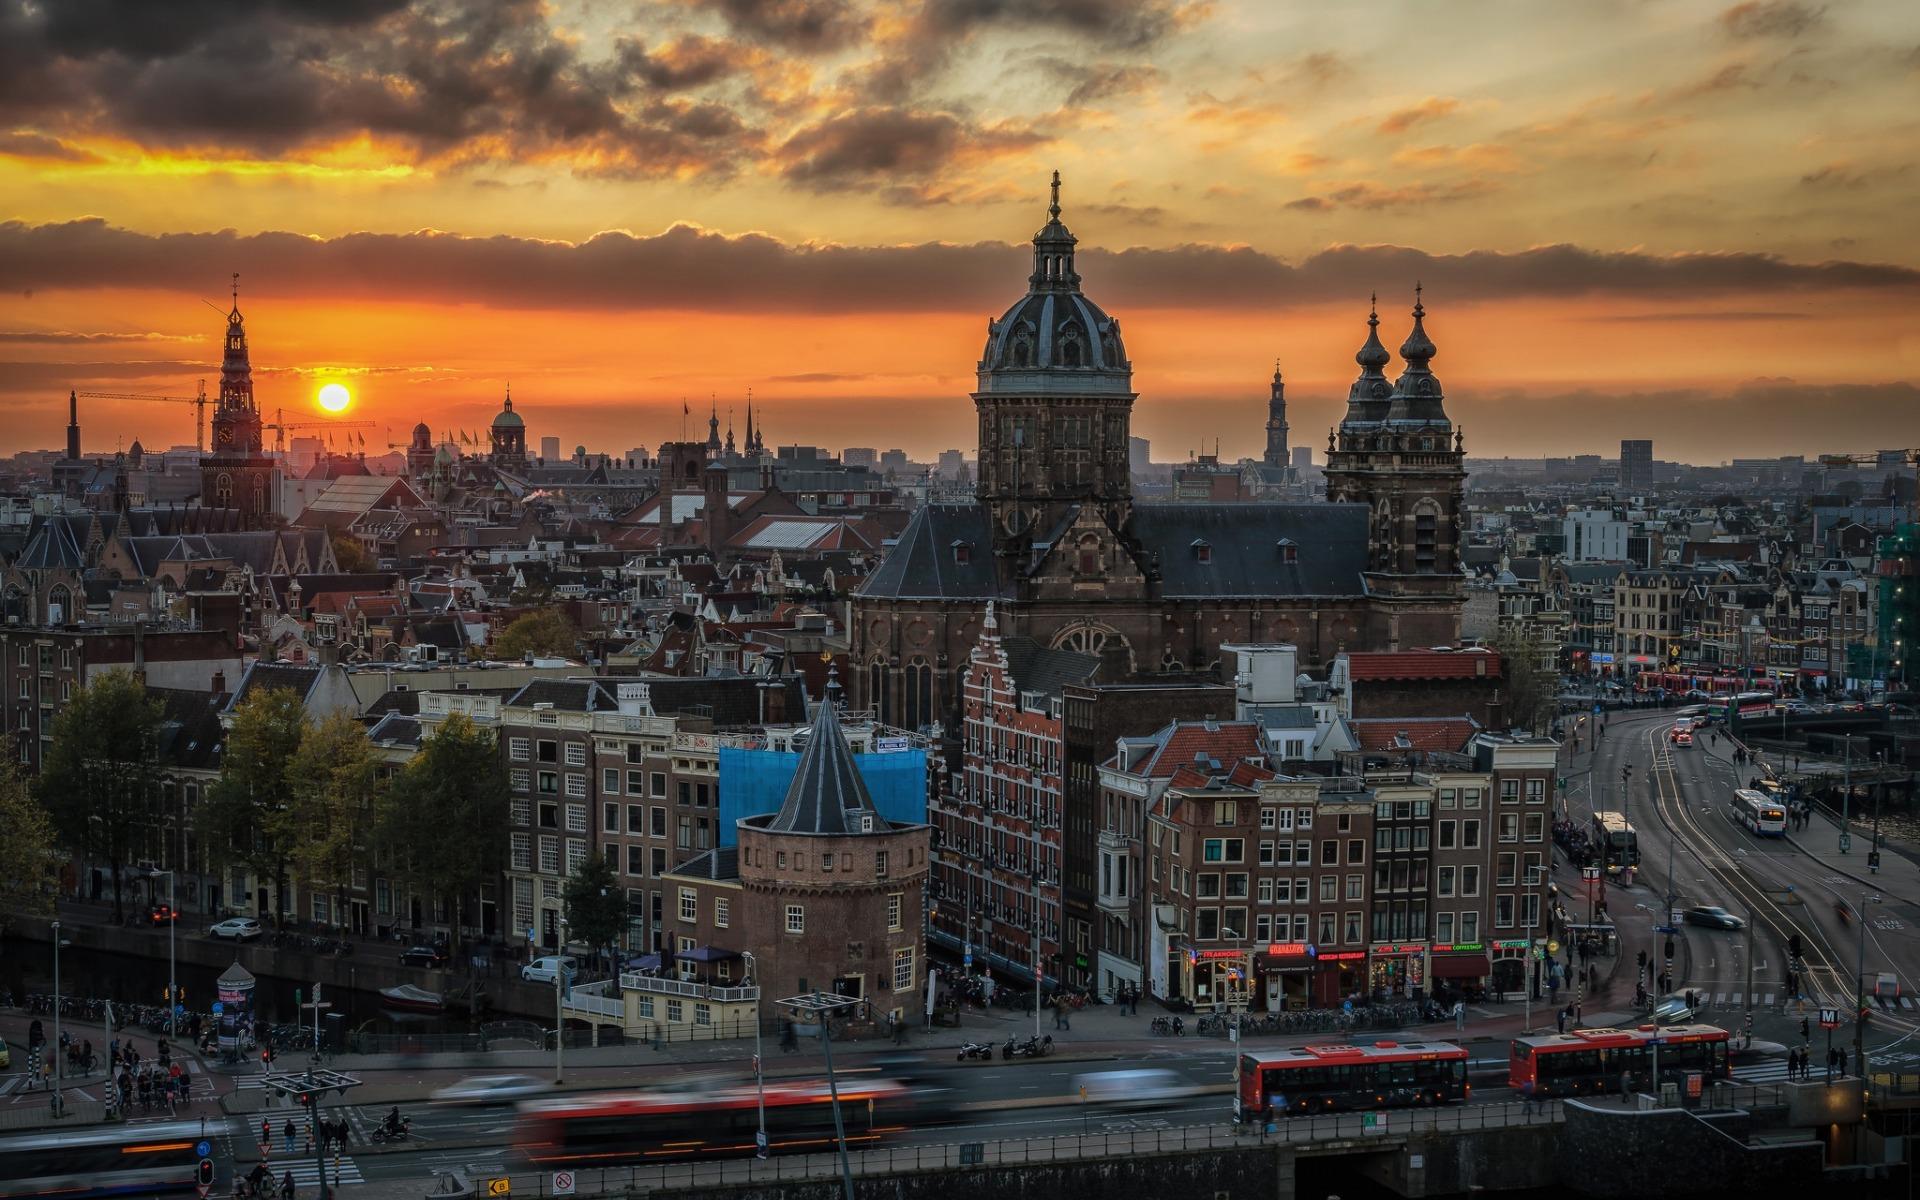 ارسال بار از هلند – فریت بار از هلند